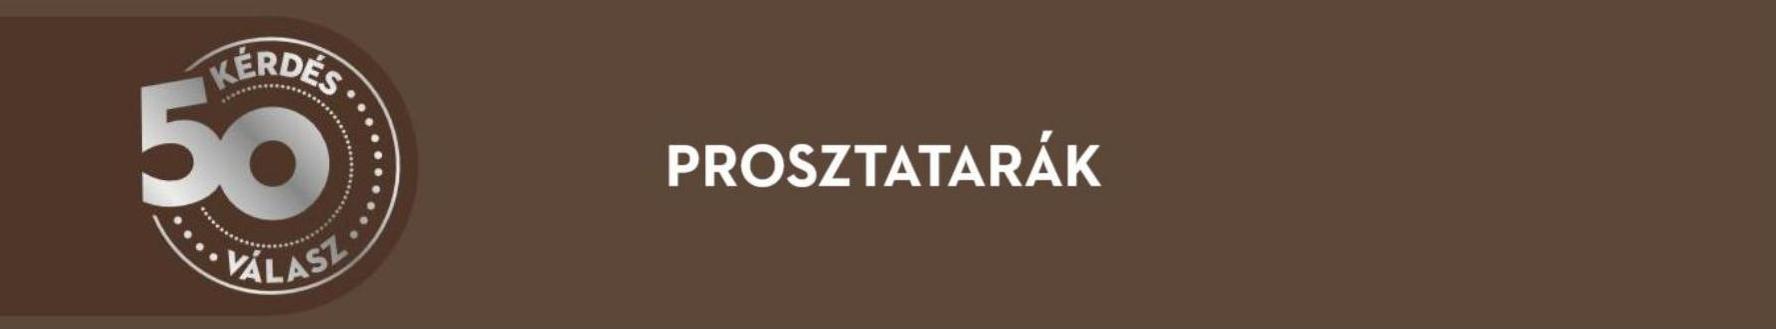 prosztatarák bevezetése)